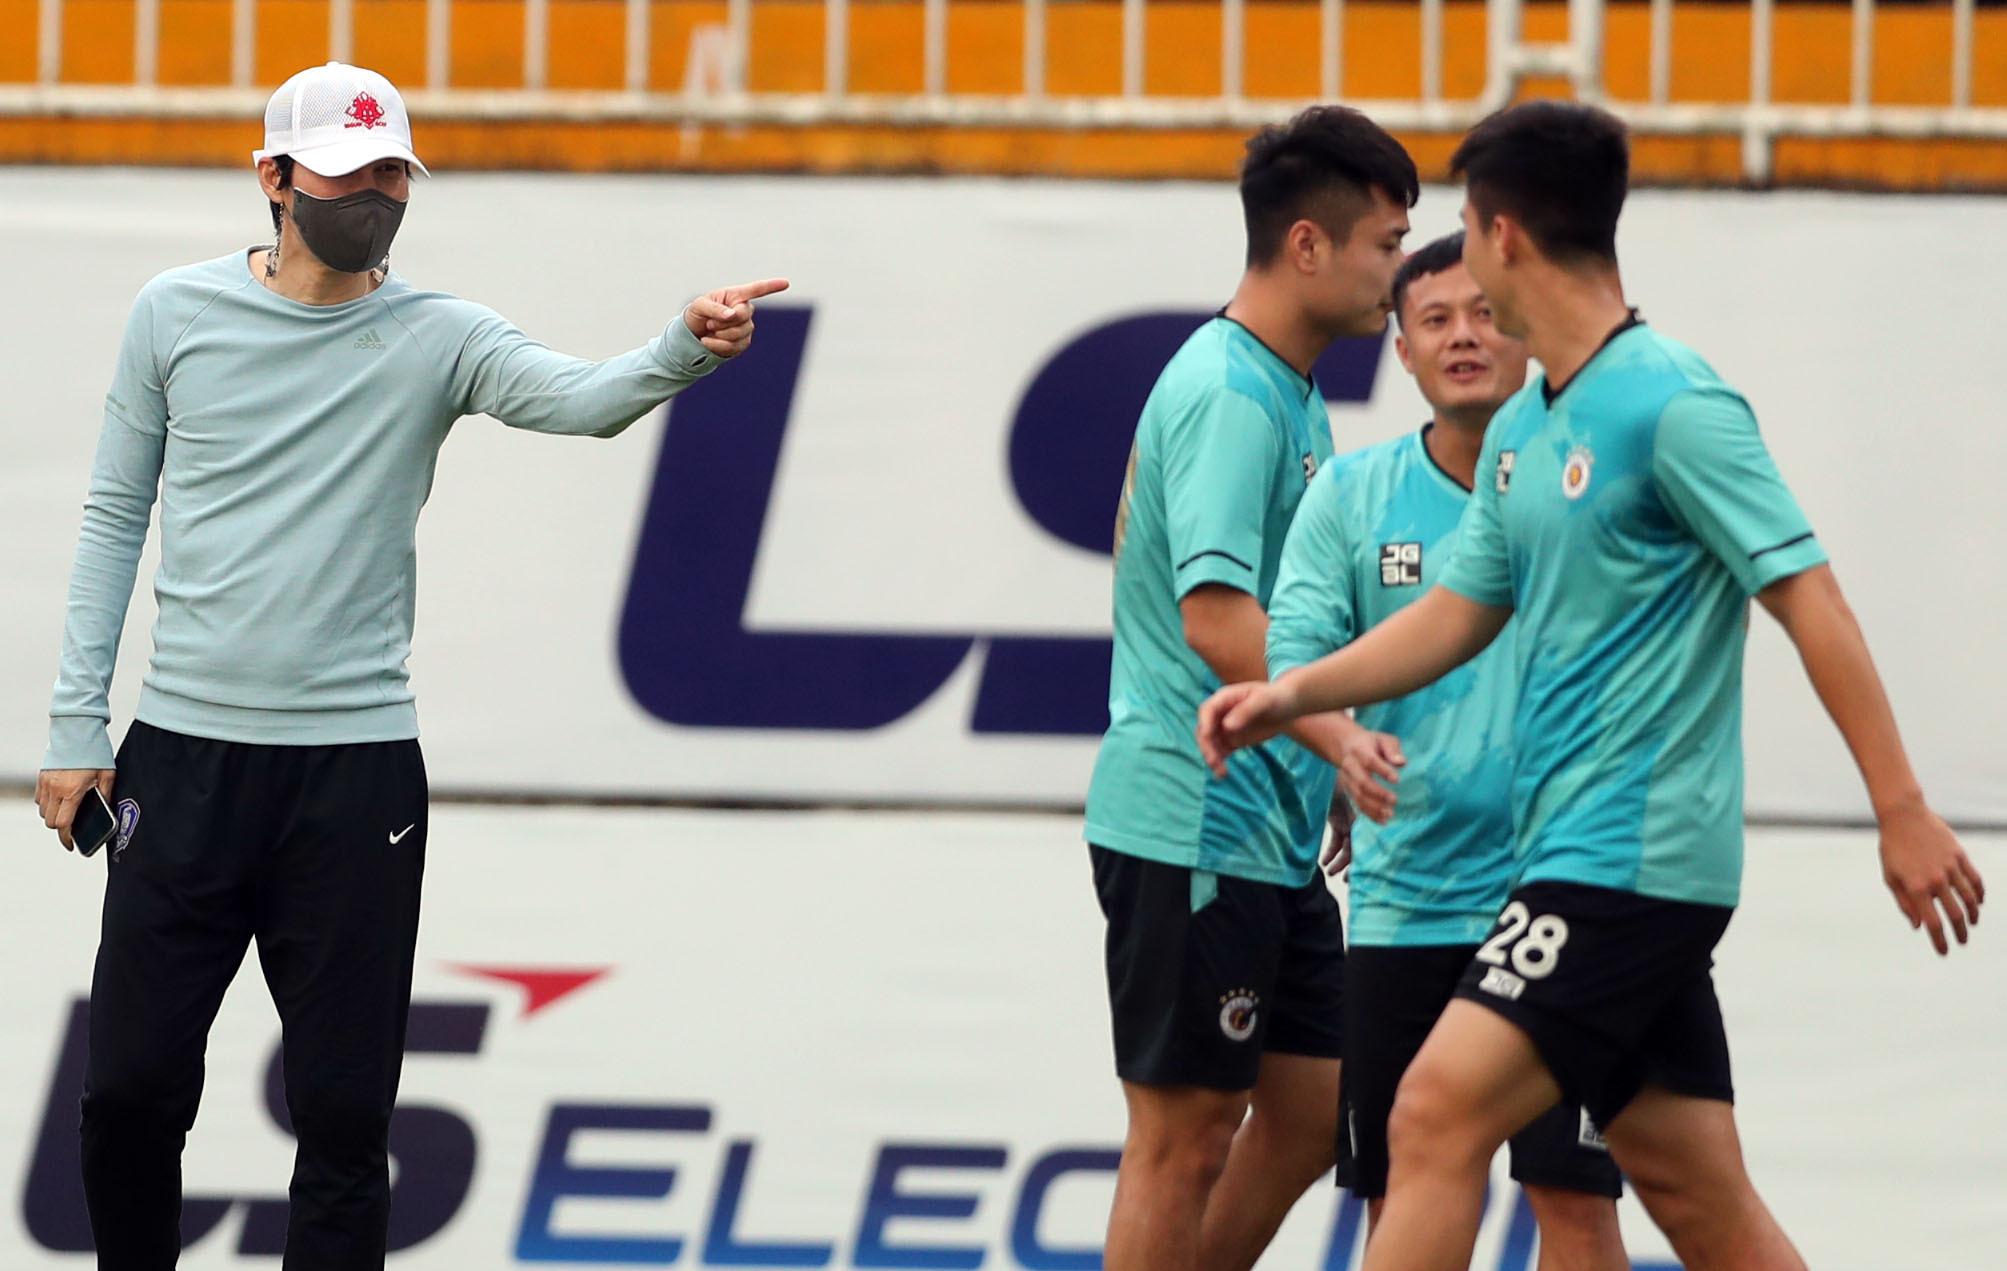 박정건 (왼쪽)이 2021 년 4 월 17 일 훈련 중 하노이 풋볼 클럽 선수들을 안내하고있다. 사진 제공 : 엑스프레스 / 독동.